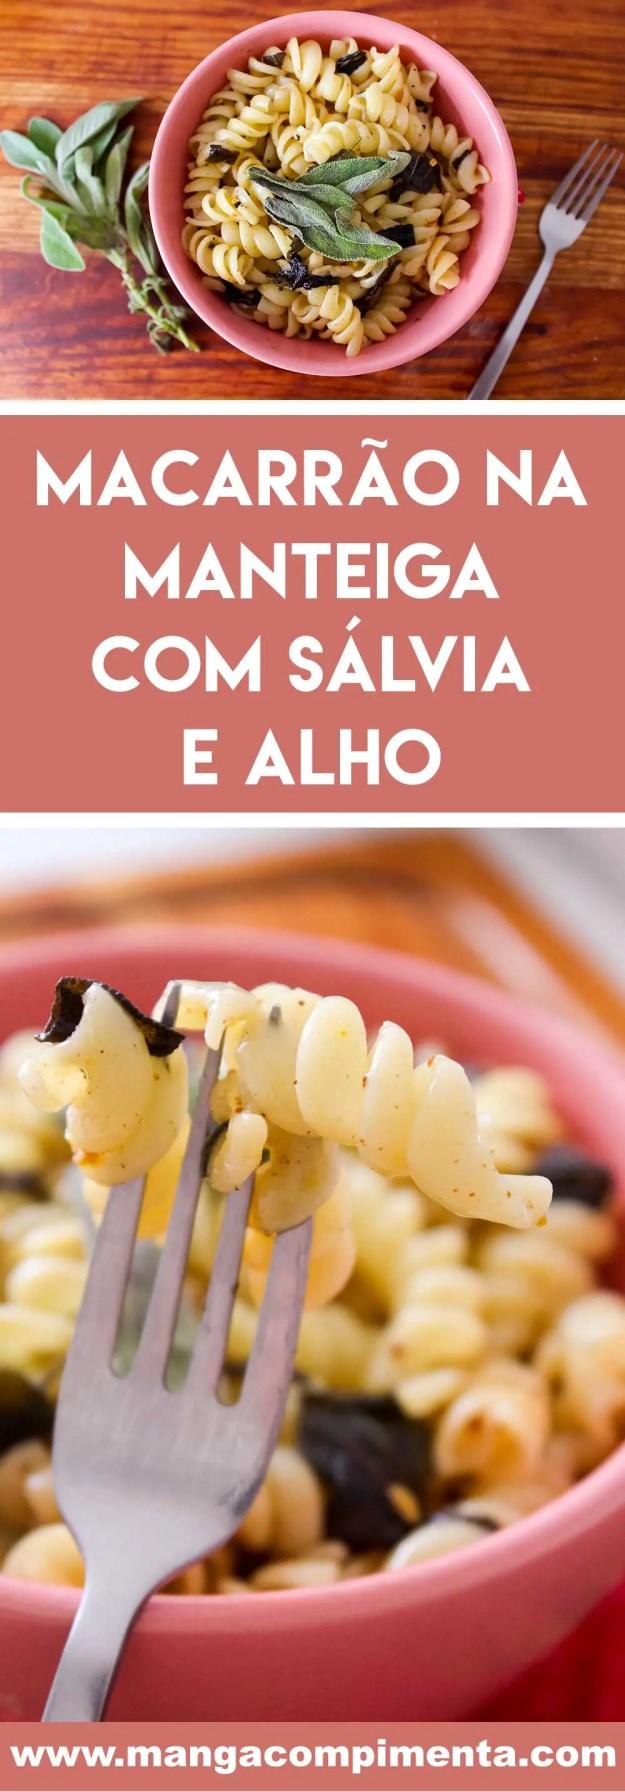 Macarrão na Manteiga com Sálvia e Alho | Receitas Vegetarianas para comemorar dias especiais!